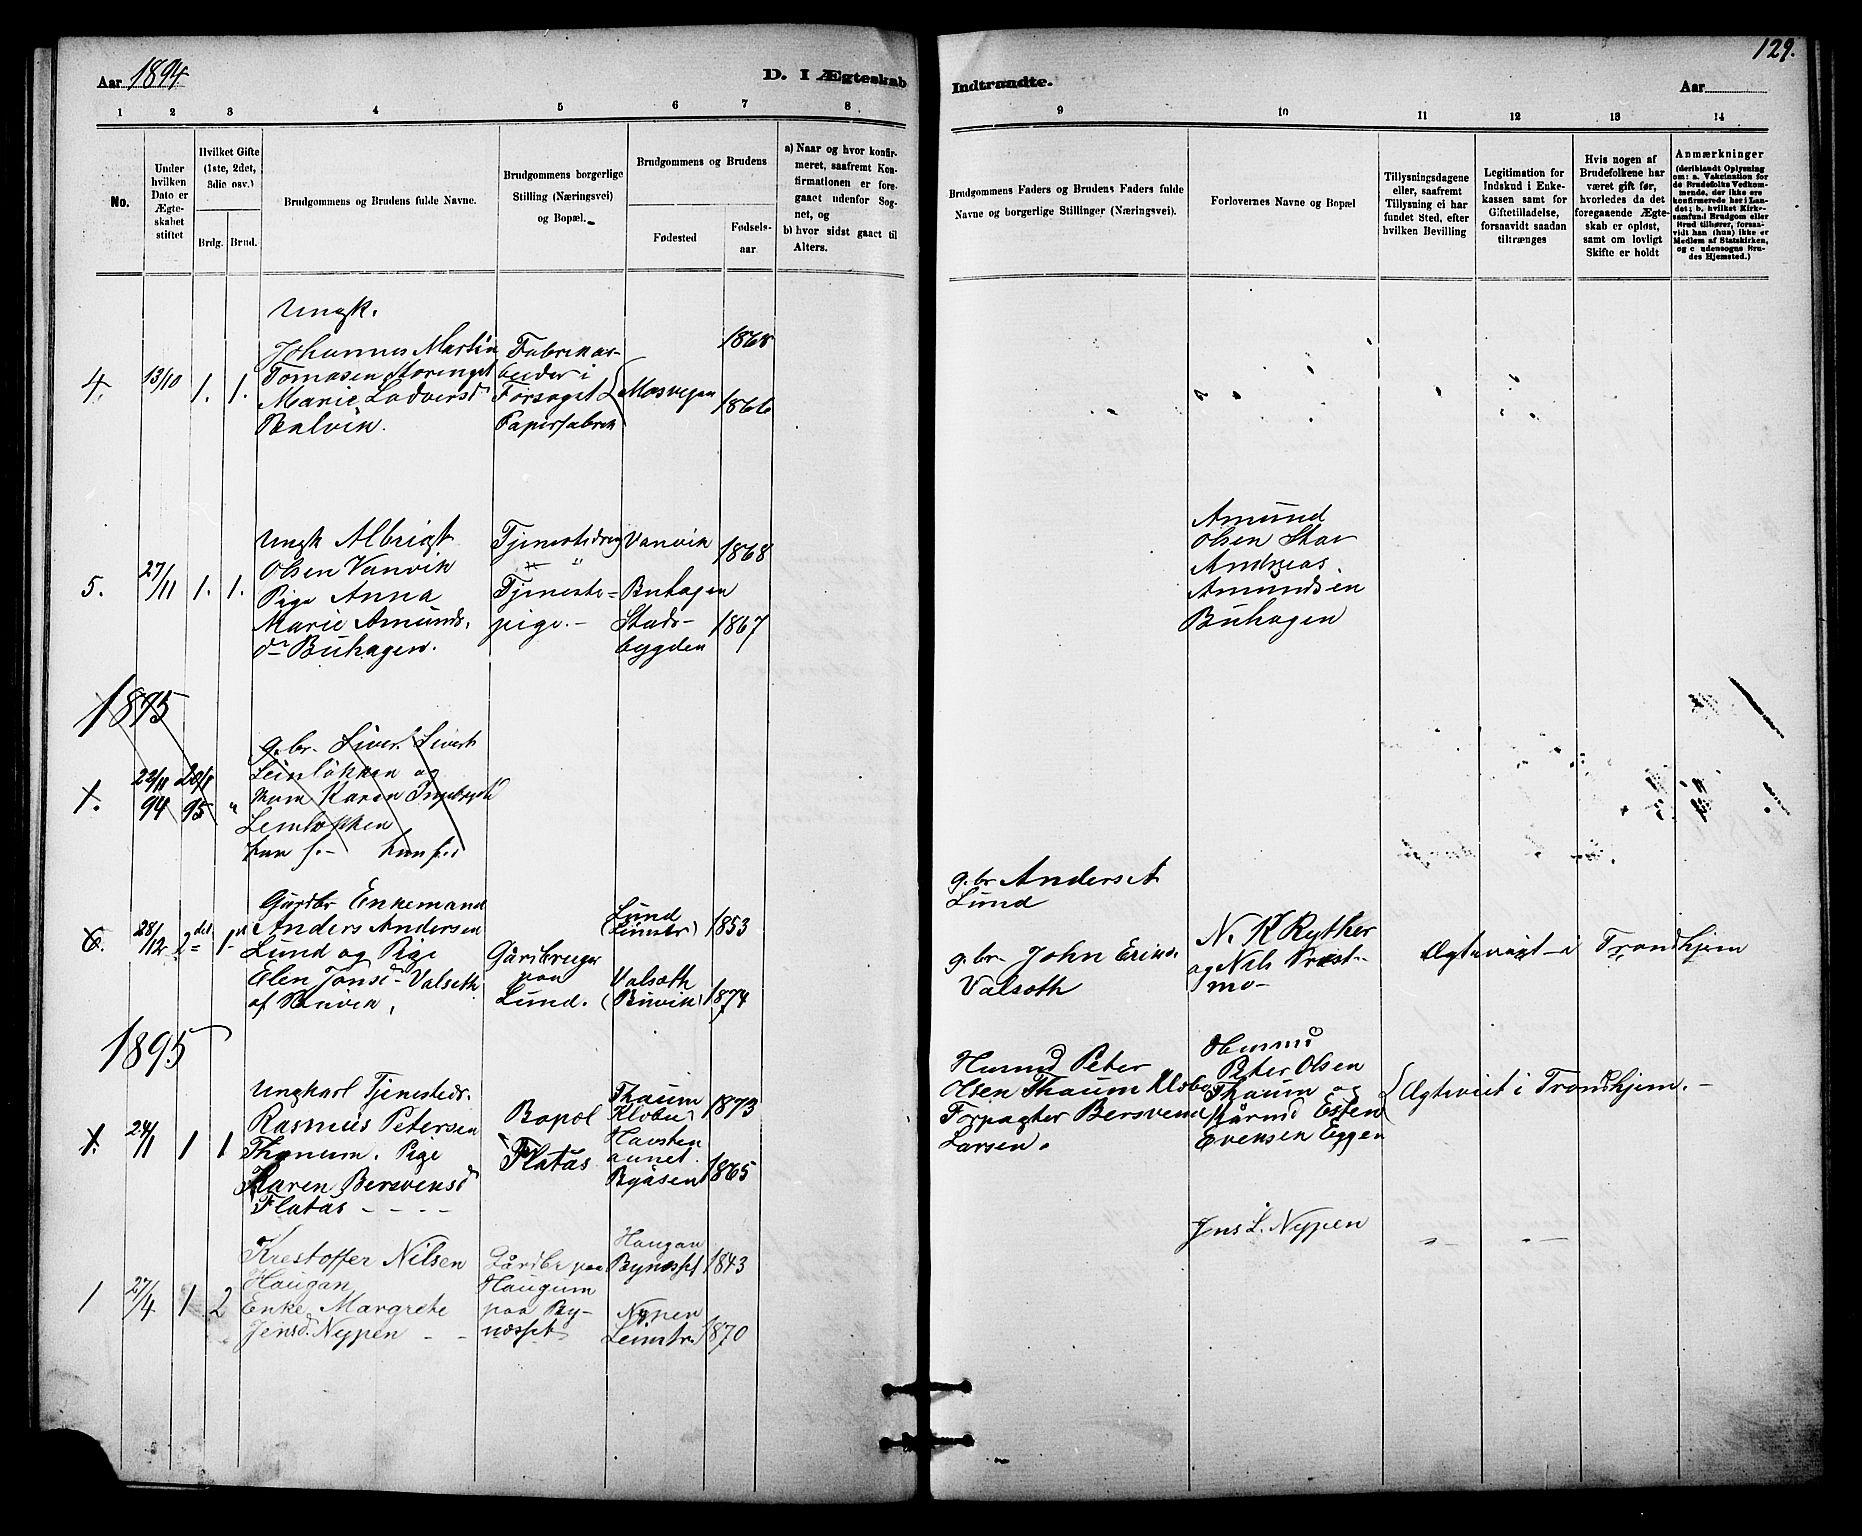 SAT, Ministerialprotokoller, klokkerbøker og fødselsregistre - Sør-Trøndelag, 613/L0395: Klokkerbok nr. 613C03, 1887-1909, s. 129